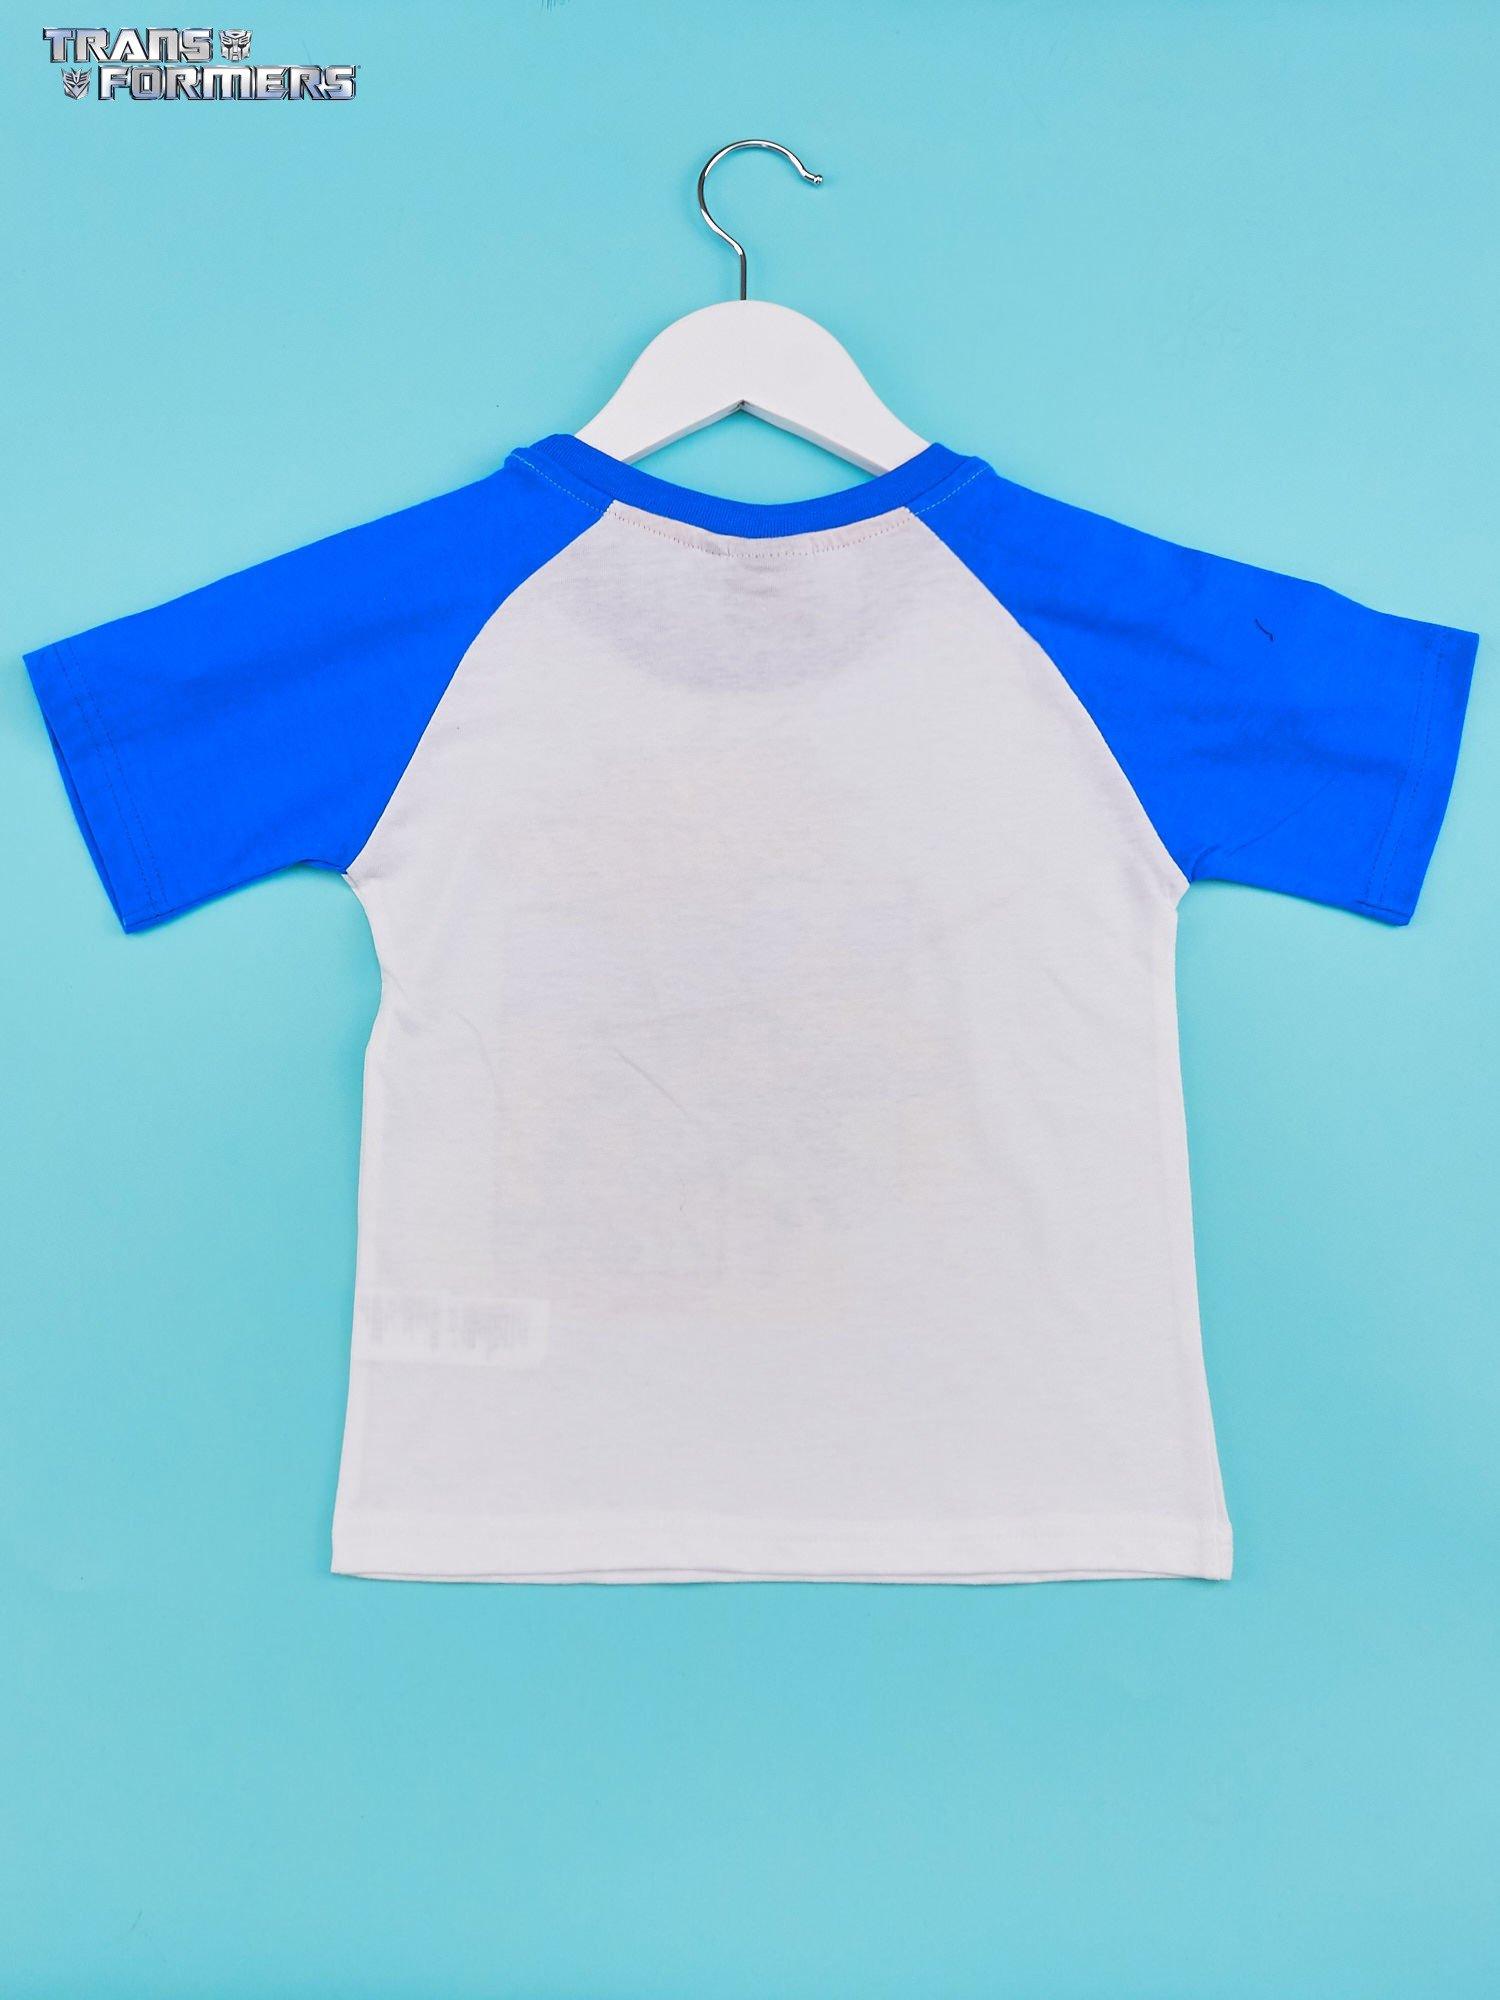 Biały t-shirt chłopięcy z nadrukiem TRANSFORMERS                                  zdj.                                  2